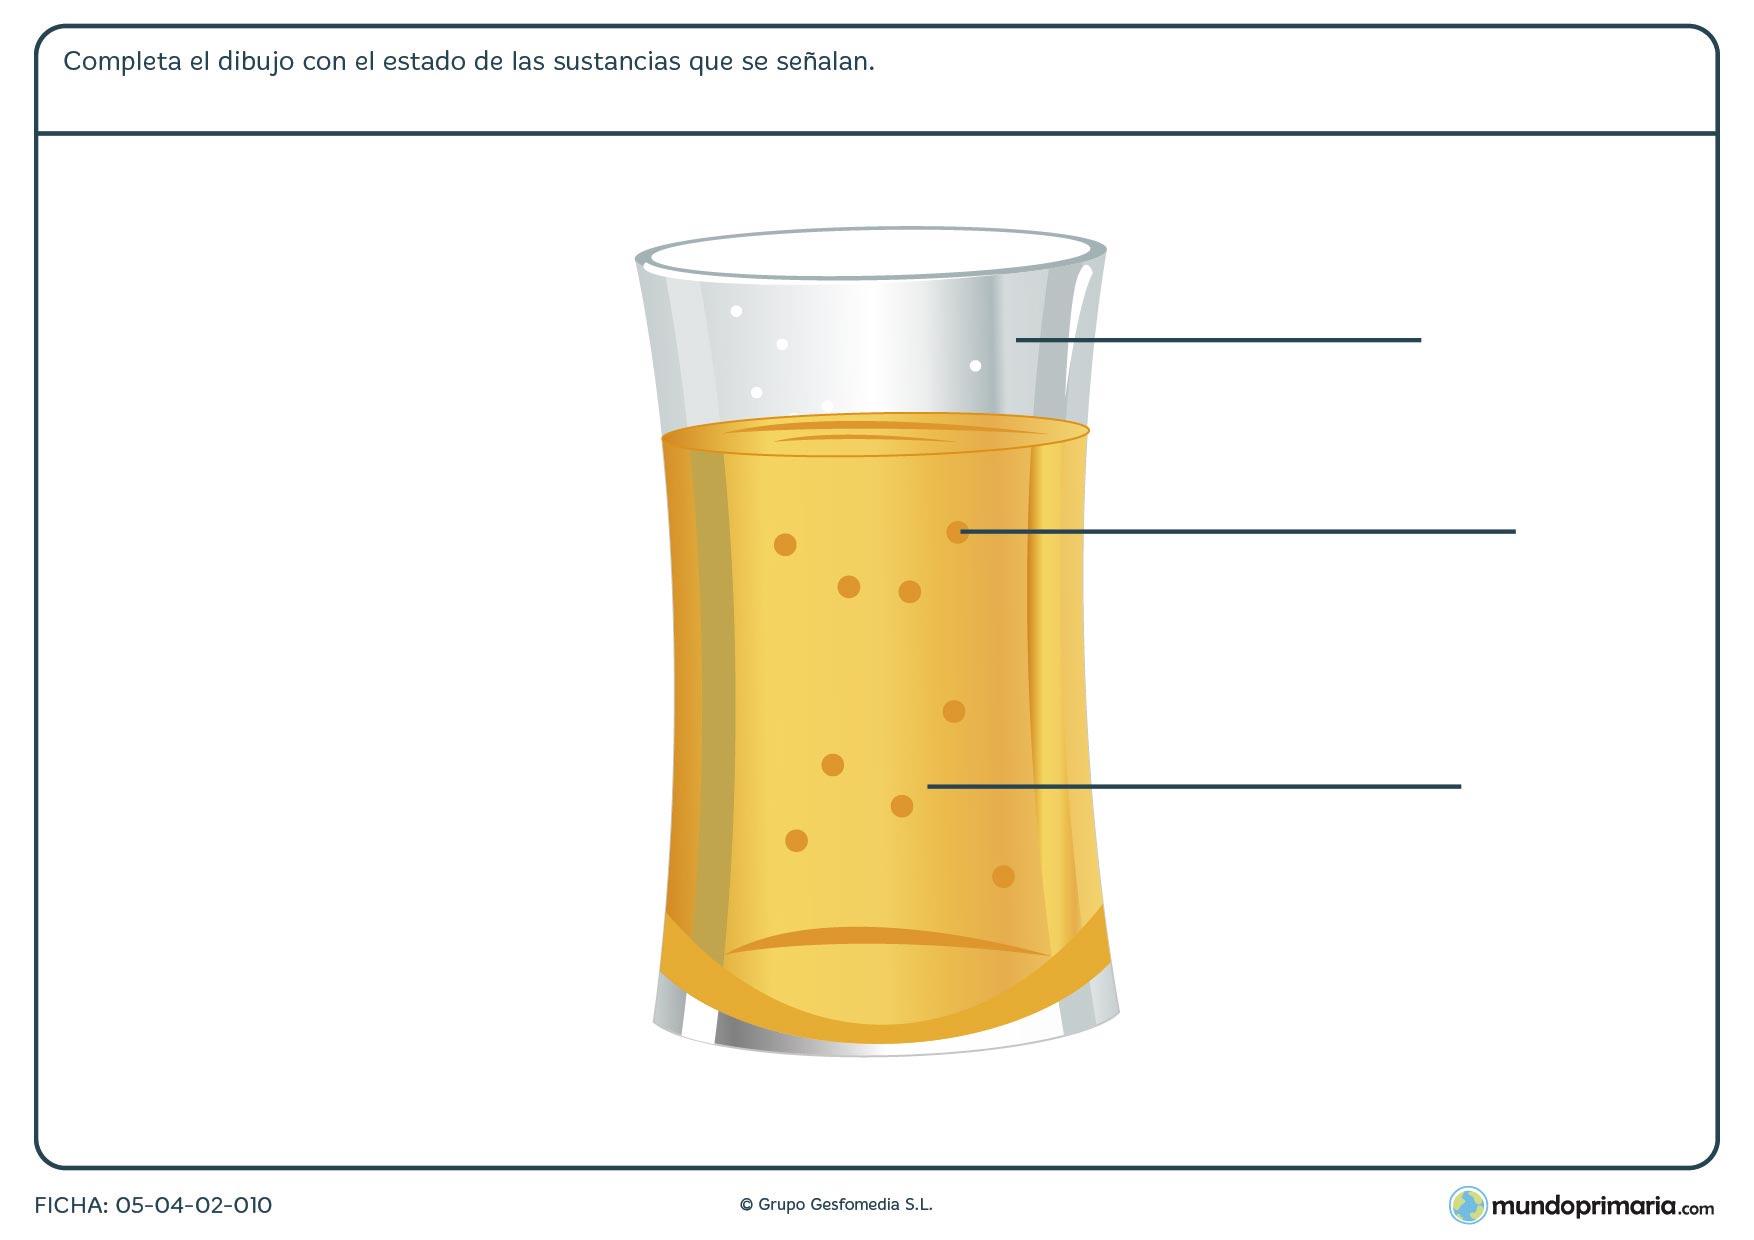 Ficha de indicar los estados en el dibujo en el que hay que completar los espacios que señalan distintos elementos del dibujo.